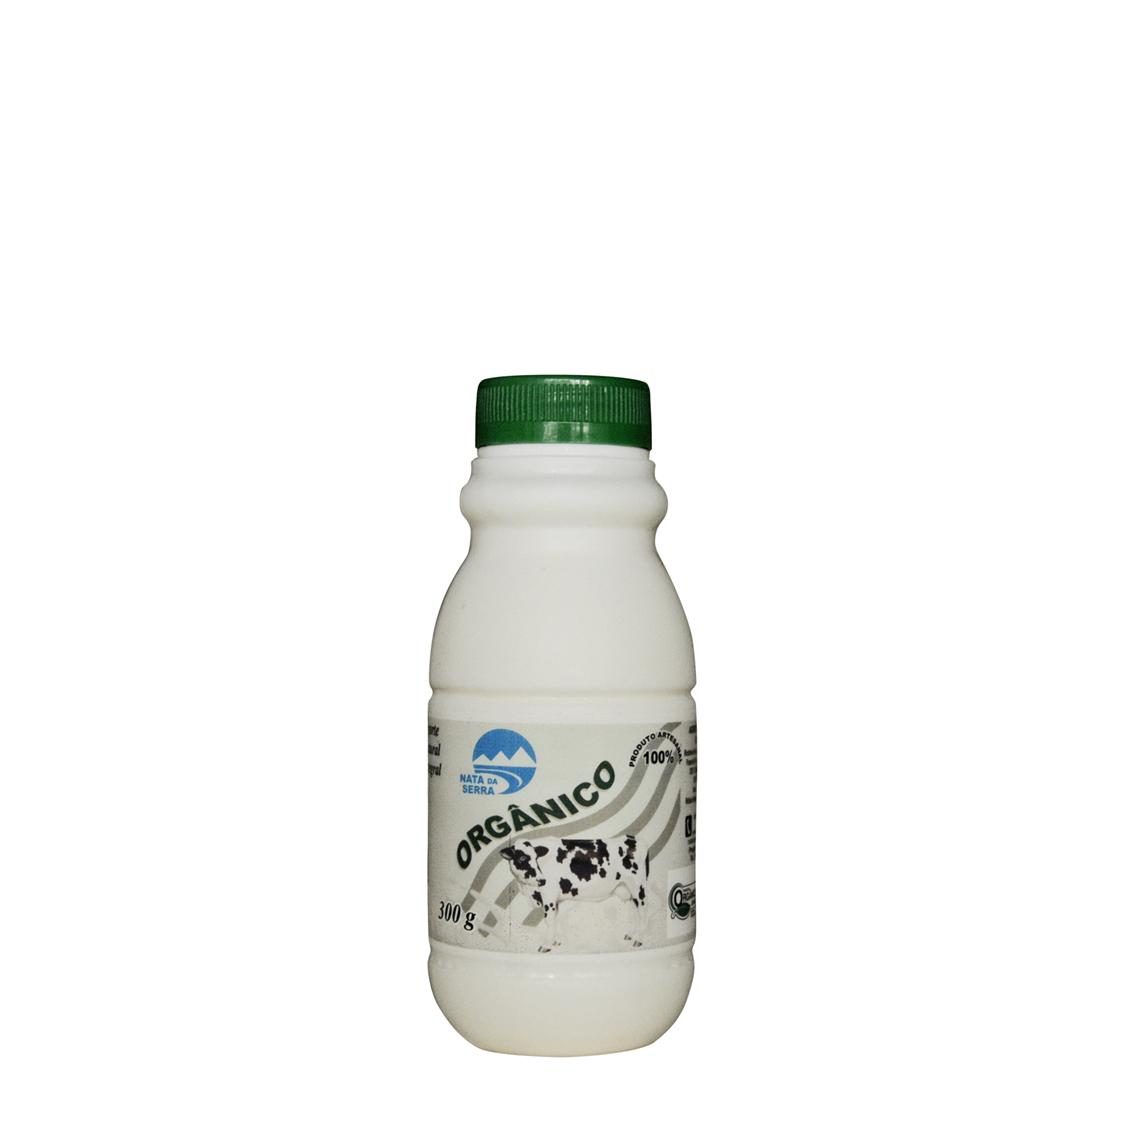 Iogurte Natural (300g) – Nata da Serra